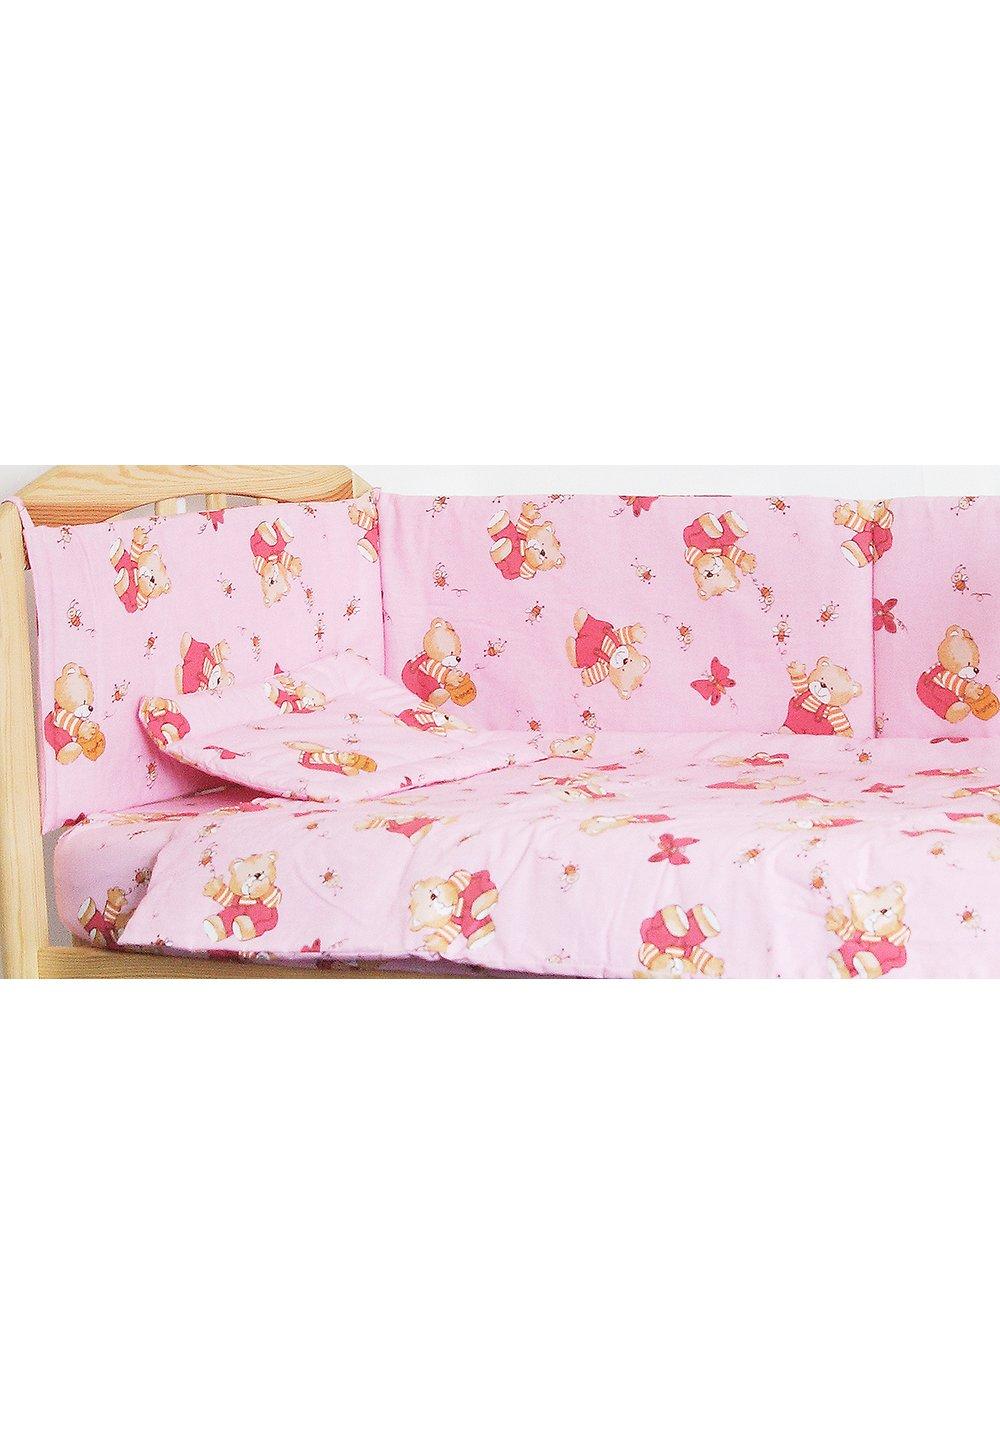 Lenjerie ursulet cu albinute roz,5 piese 120x60 cm imagine